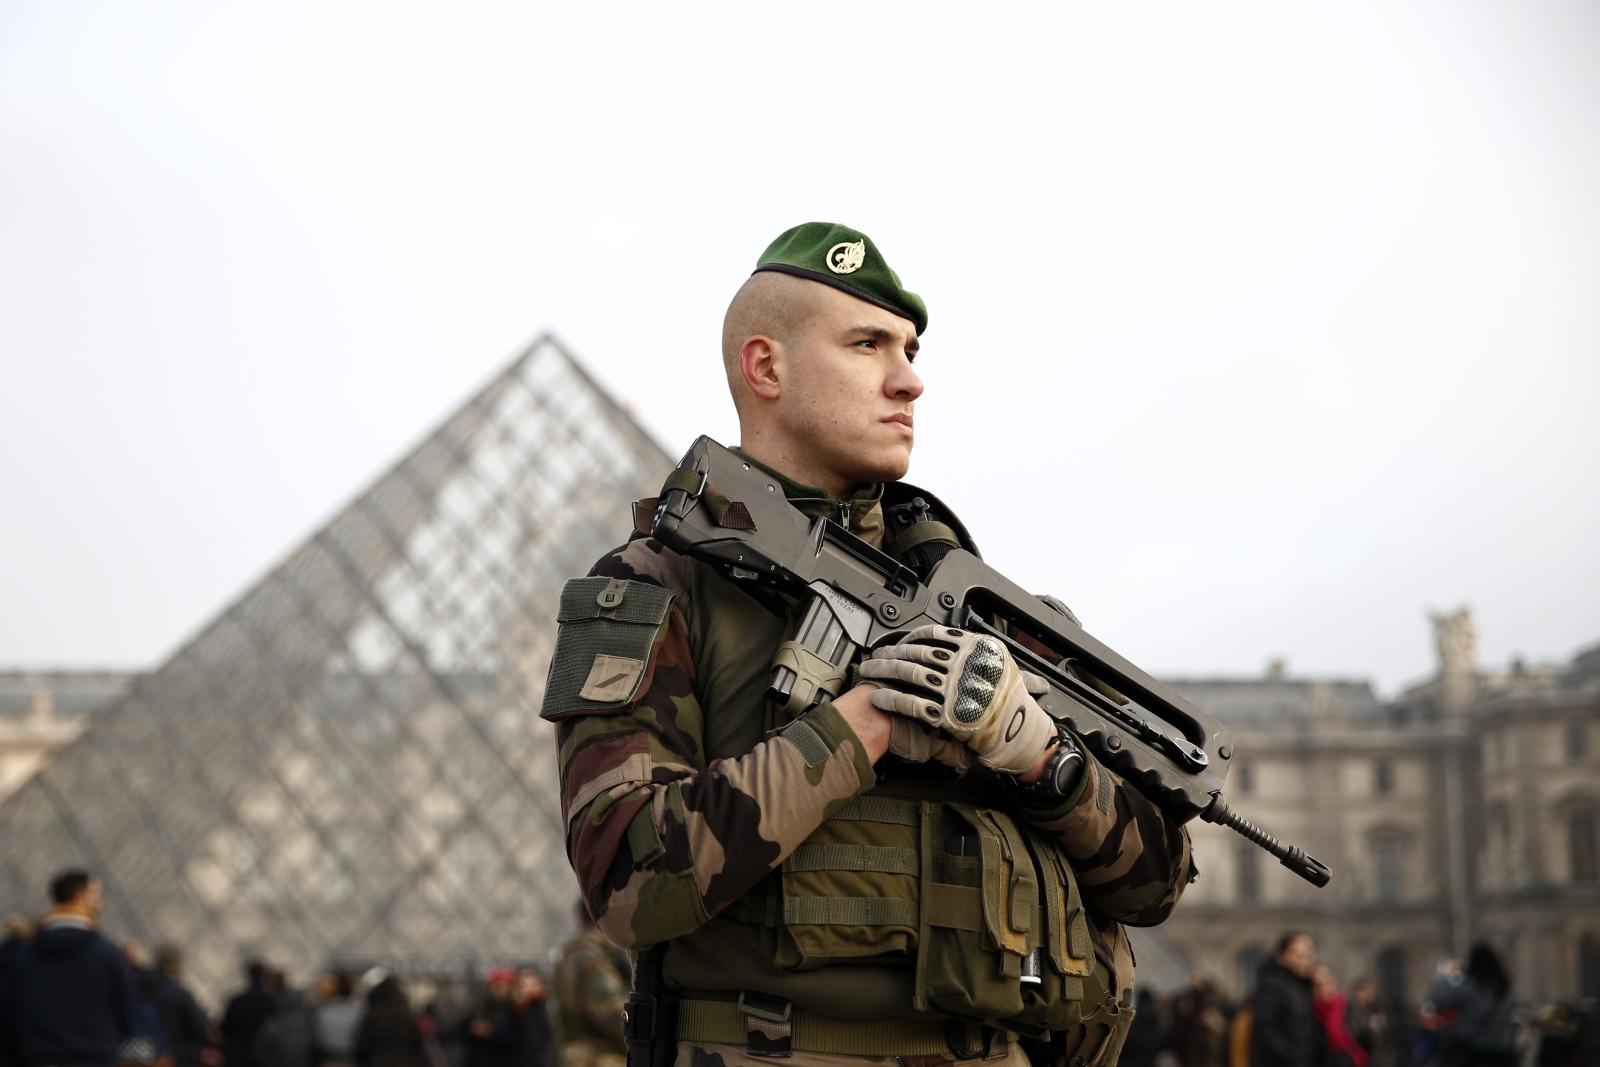 """Egipski napastnik uzbrojony w co najmniej jedną maczetę ruszył w kierunku czteroosobowego patrolu w pobliżu Luwru. Mężczyzna wykrzykiwał groźby i krzyczał """"Allah akbar"""". Żołnierz oddał do niego pięć strzałów. Napastnik został poważnie ranny w brzuch. Fot. PAP/EPA/YOAN VALAT"""